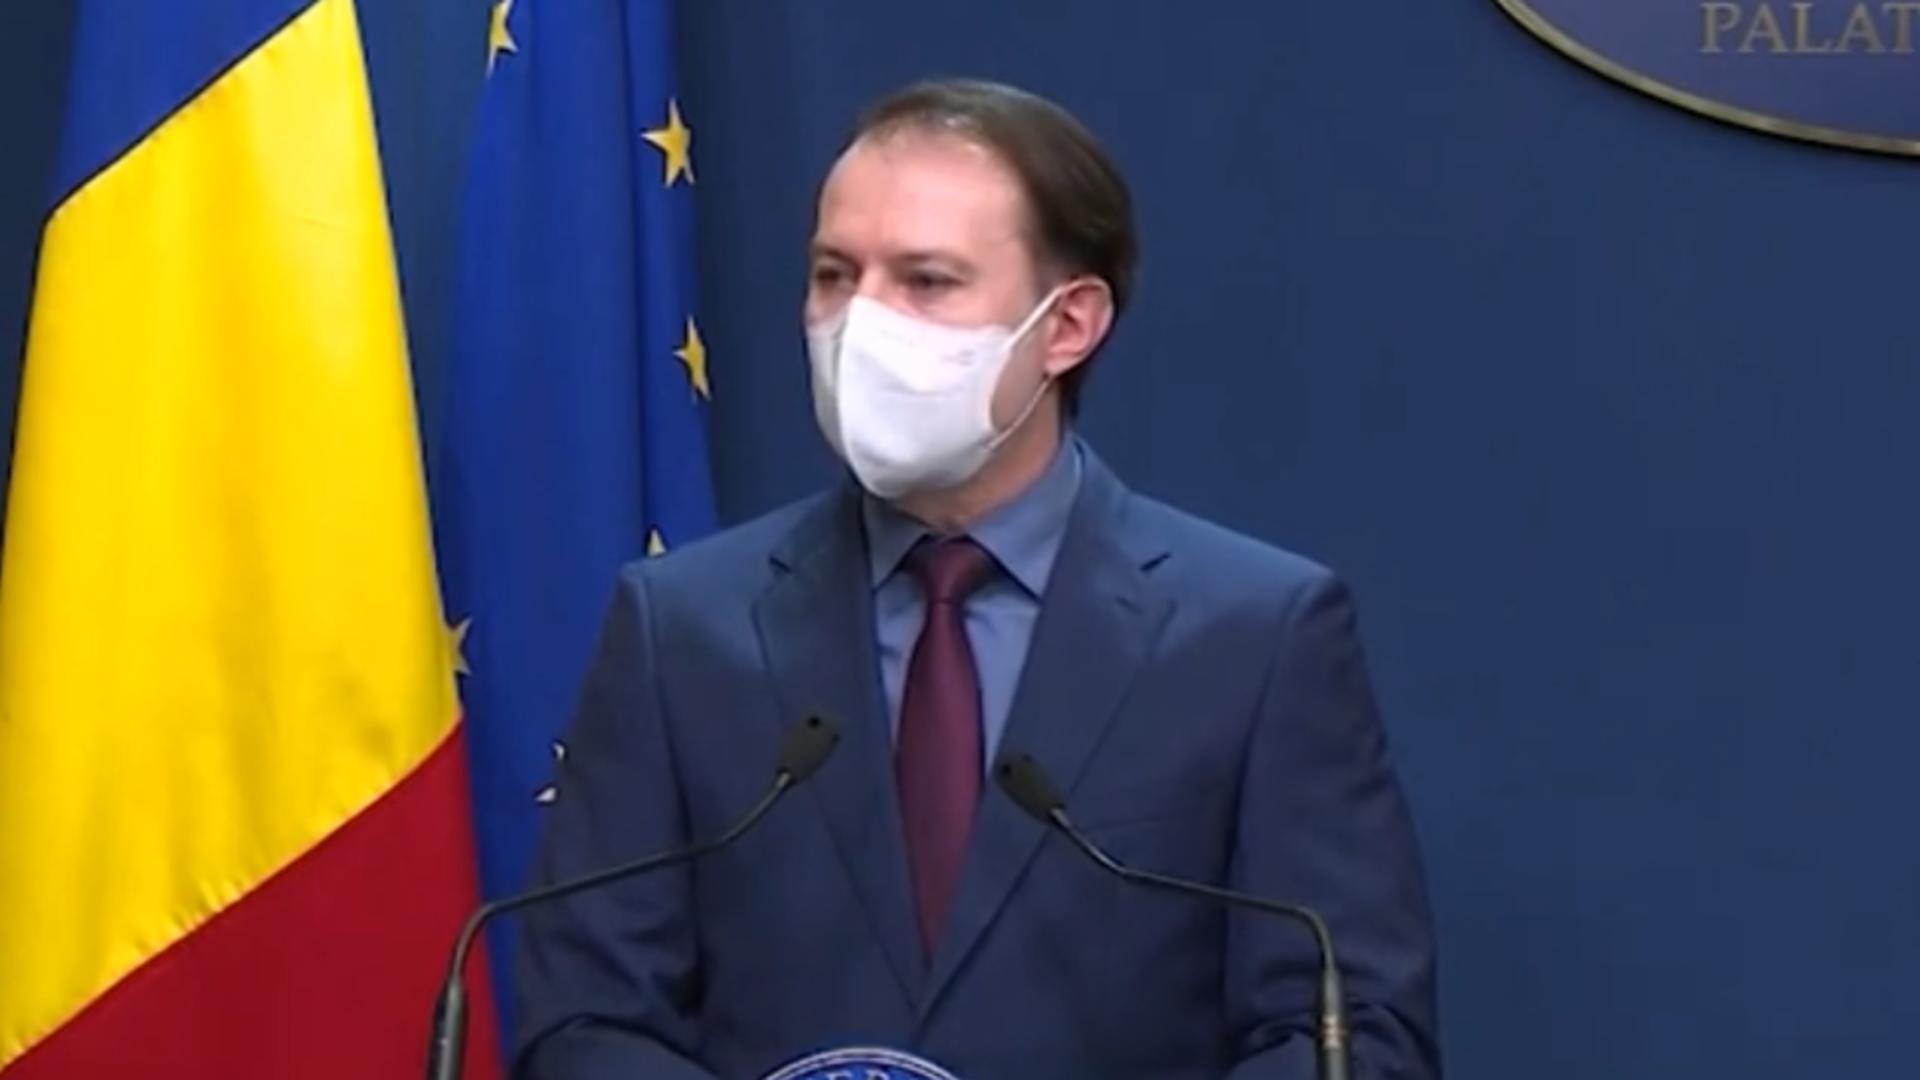 """Florin Cîţu, despre """"miile de amendamente"""" anunţate de PSD la buget: """"Tot ce pot să spun este că nu putem depăşi deficitul de 7,16%"""""""